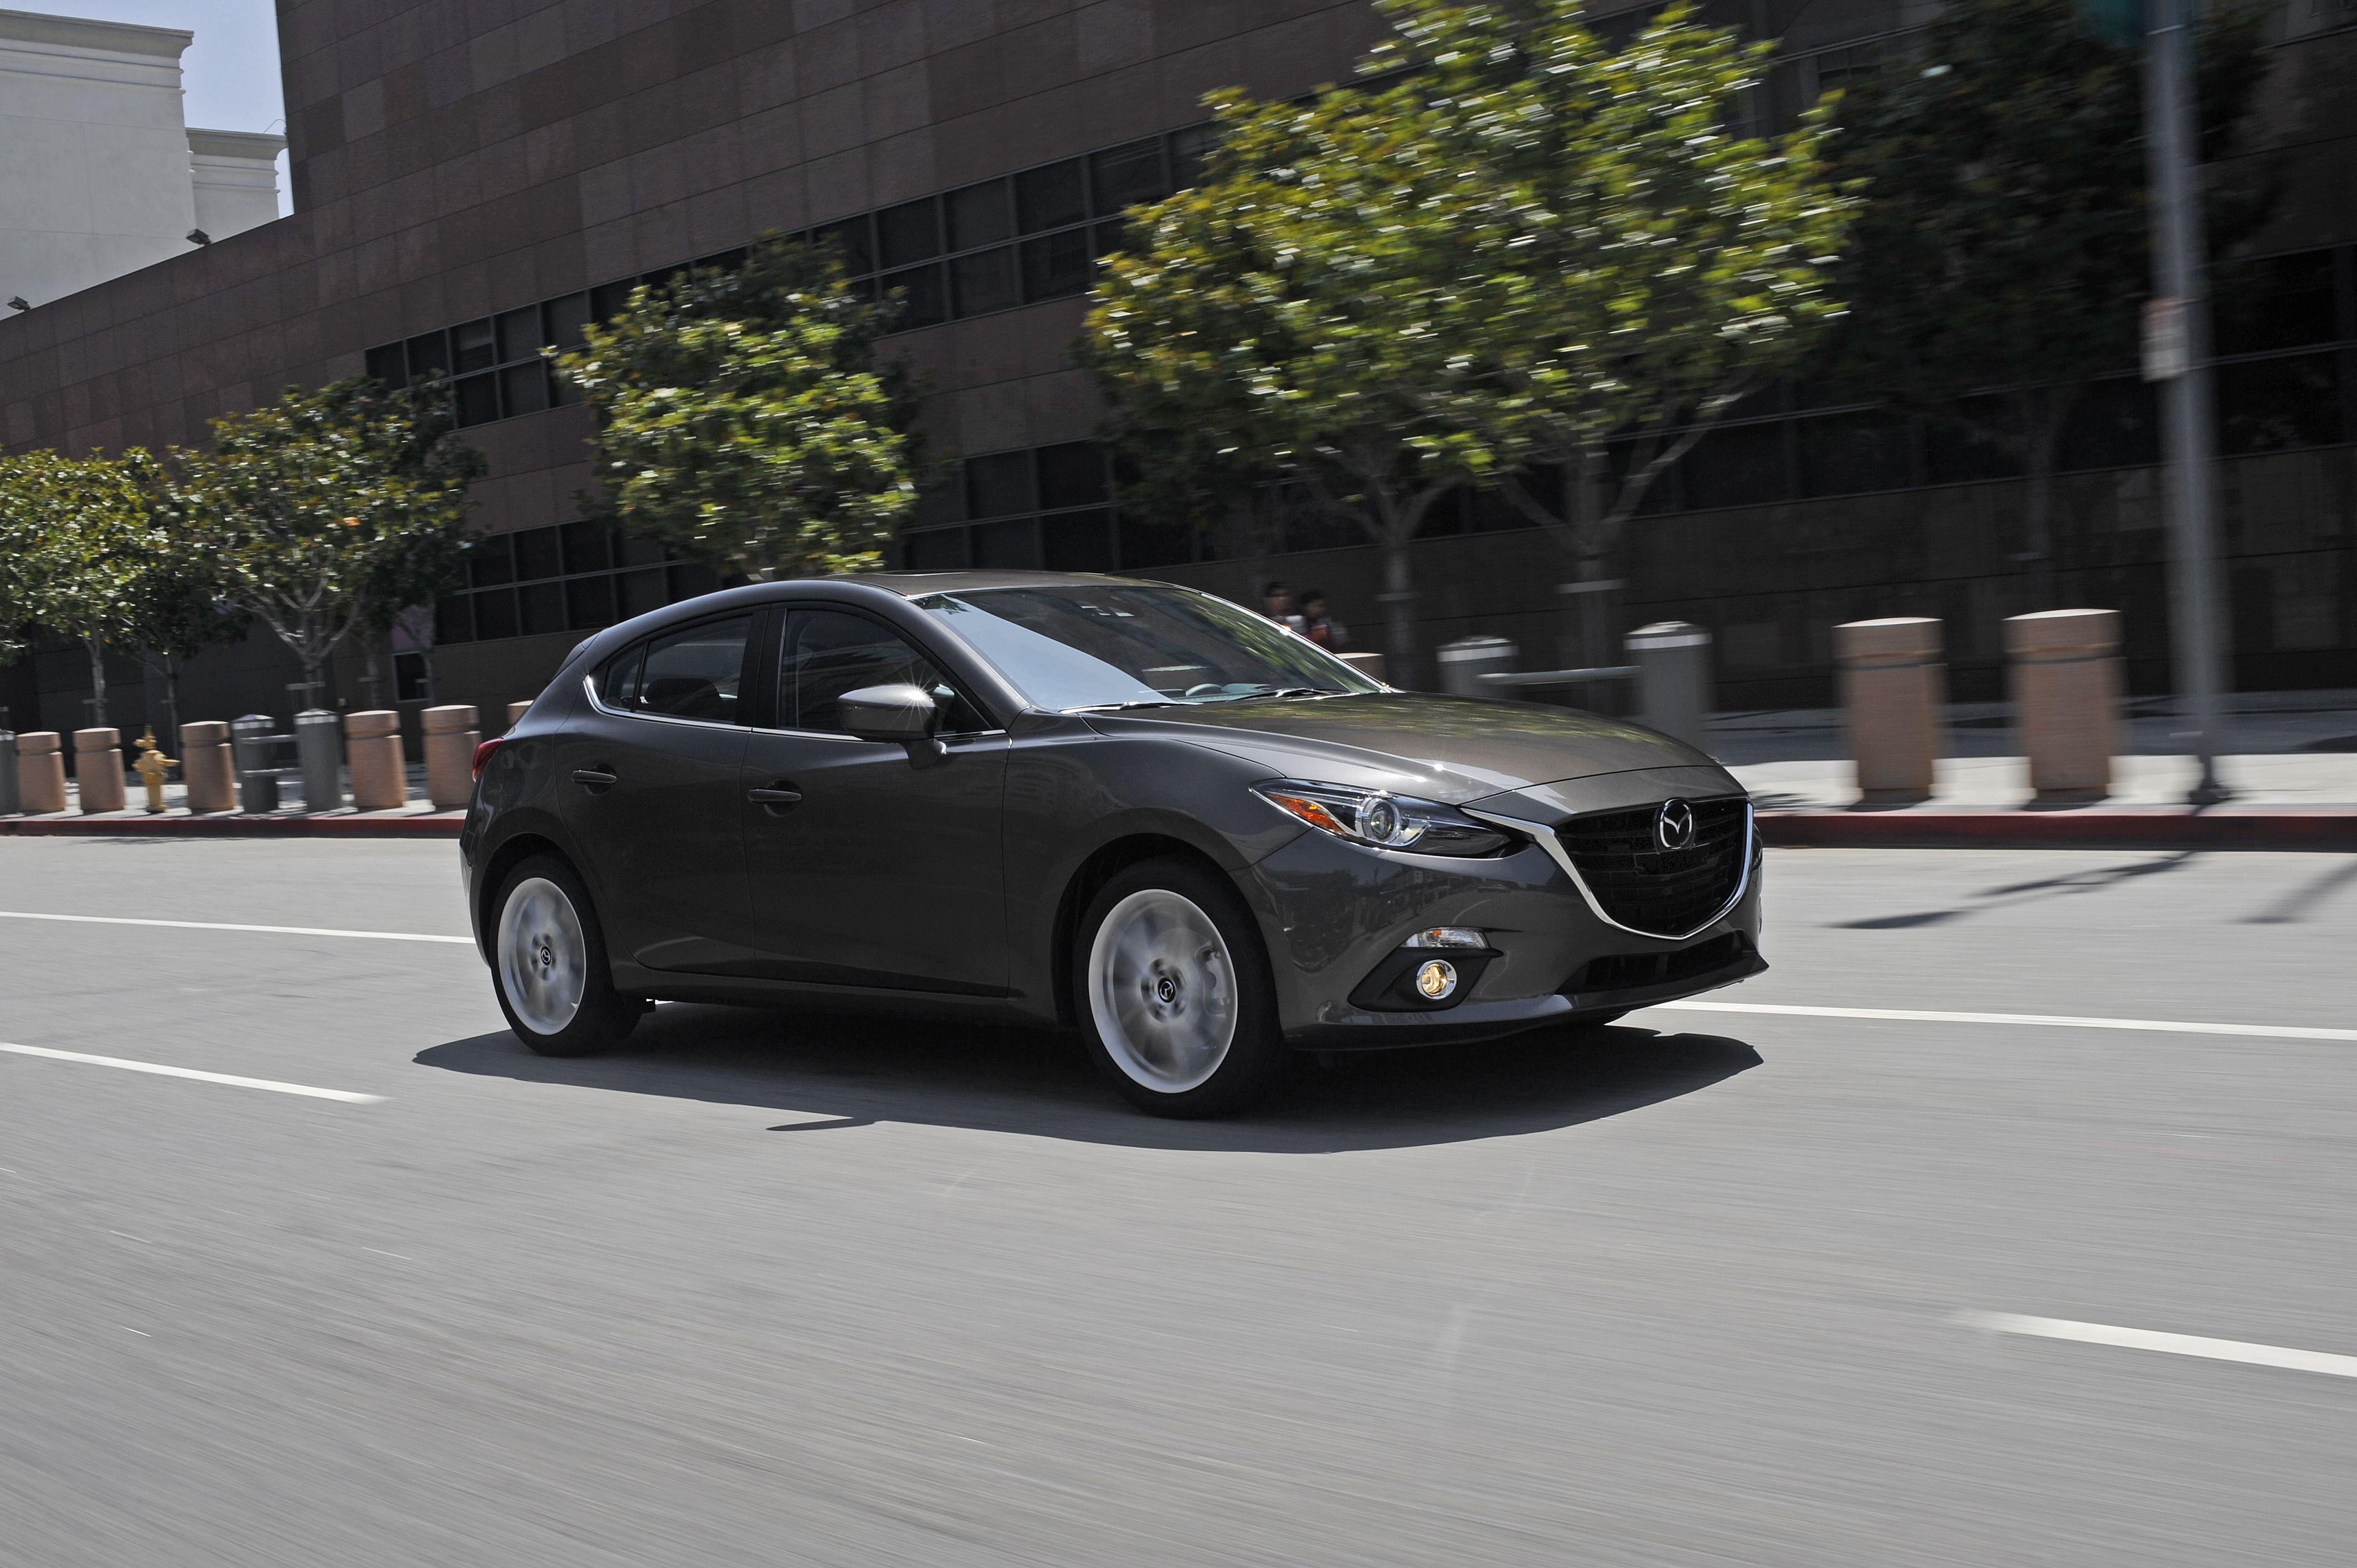 2017 Mazda 3 2.5-Liter Manual Hatchback – Instrumented Test